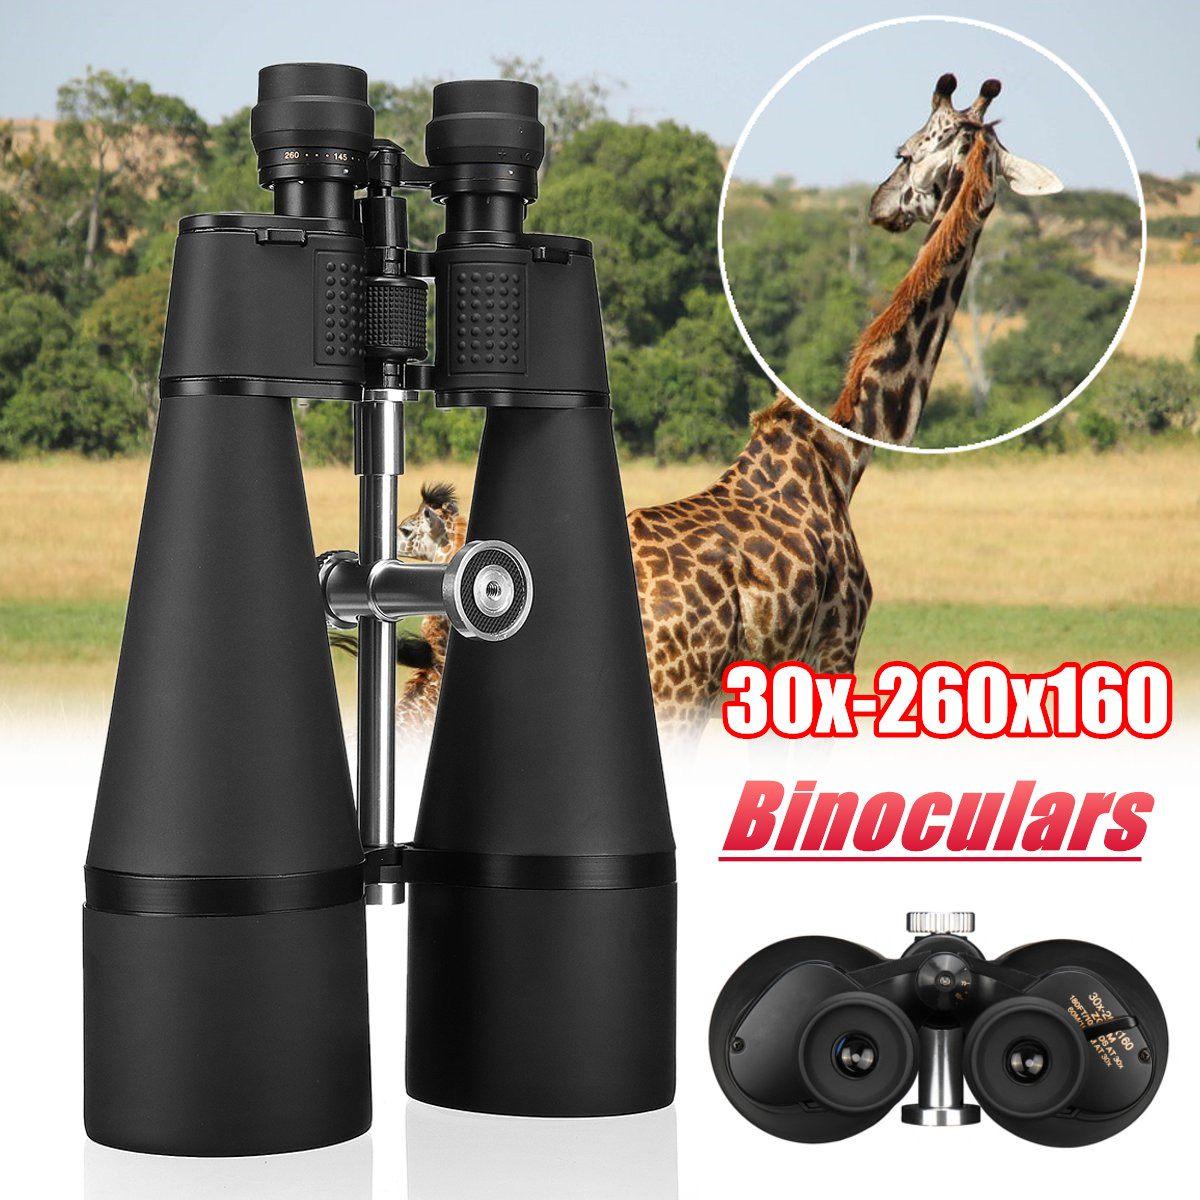 30x-260x160 Hohe Vergrößerung Long Range Zoom Optische Grün Objektiv Fernglas Mit Objektiv Tuch Ziel Durchmesser 160mm